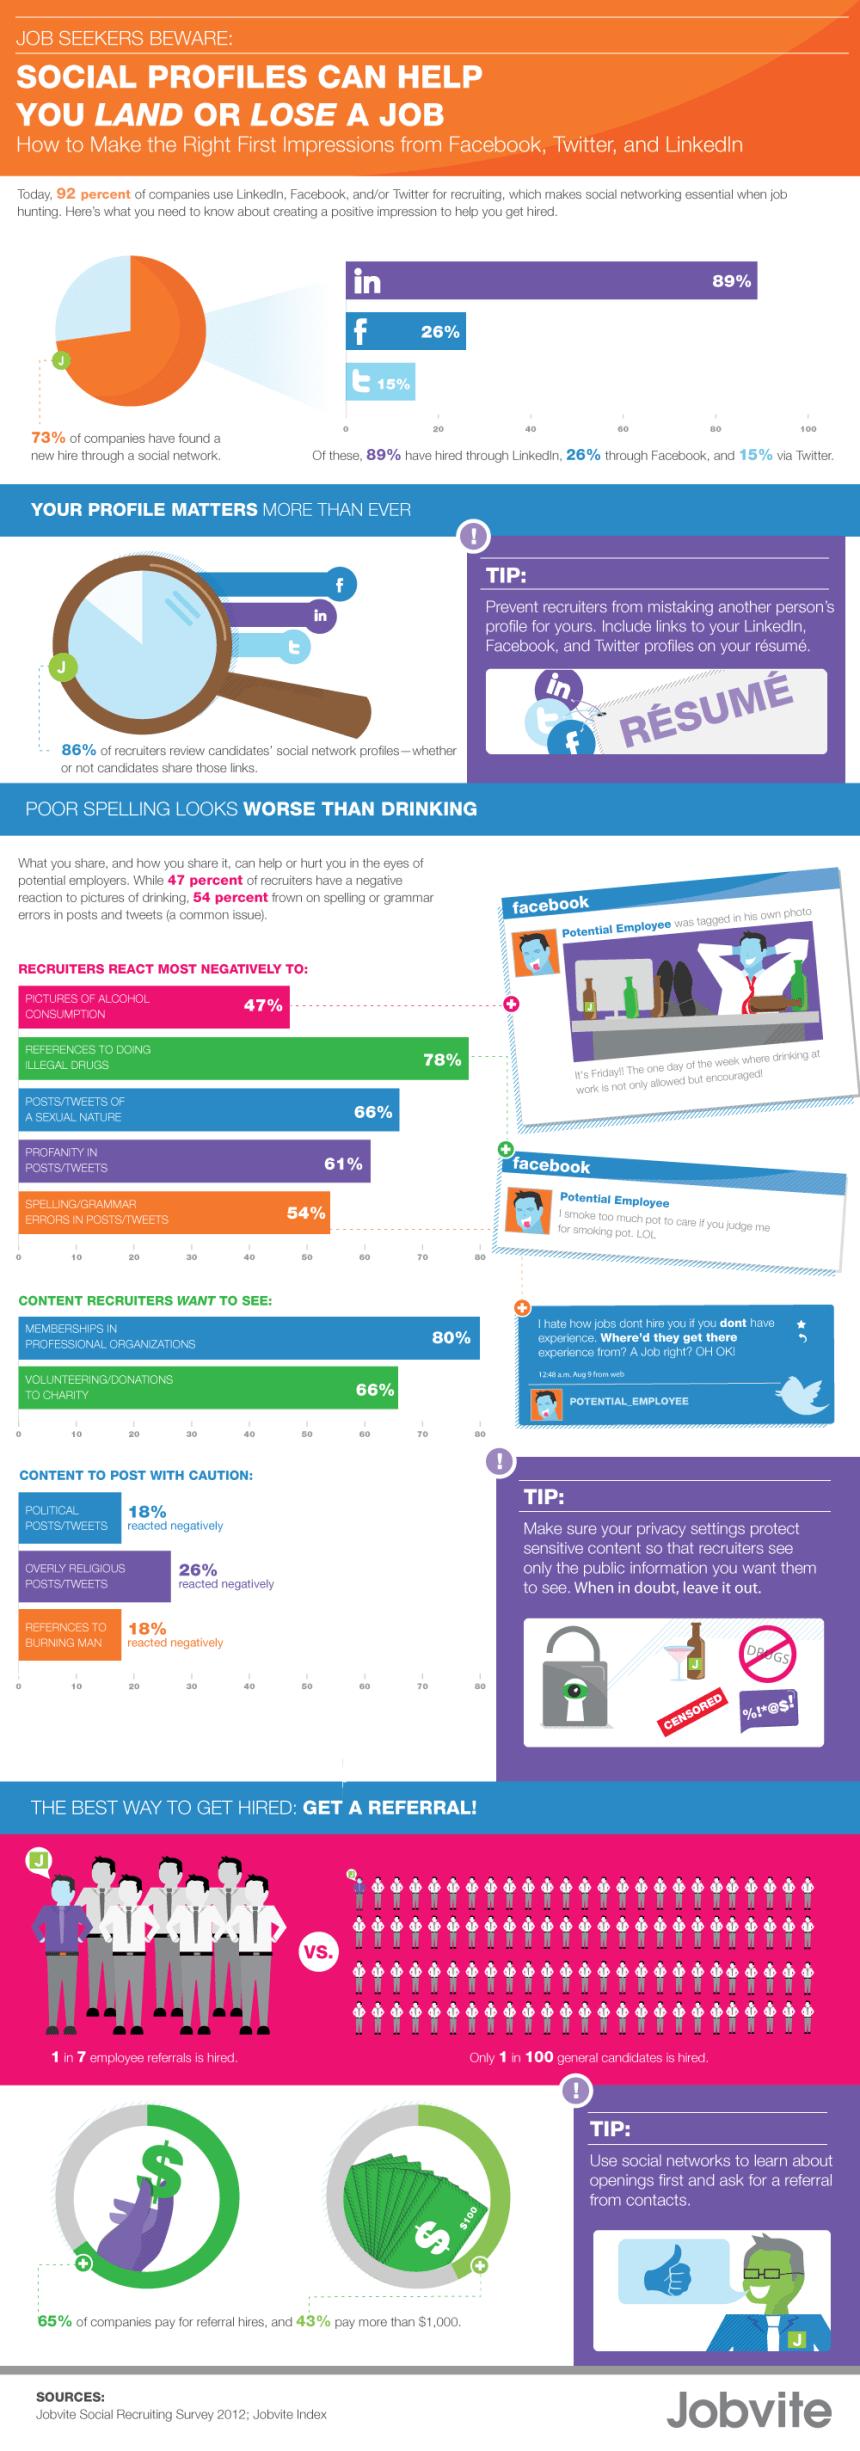 Tu perfil en redes sociales puede ayudarte a encontrar o perder un trabajo